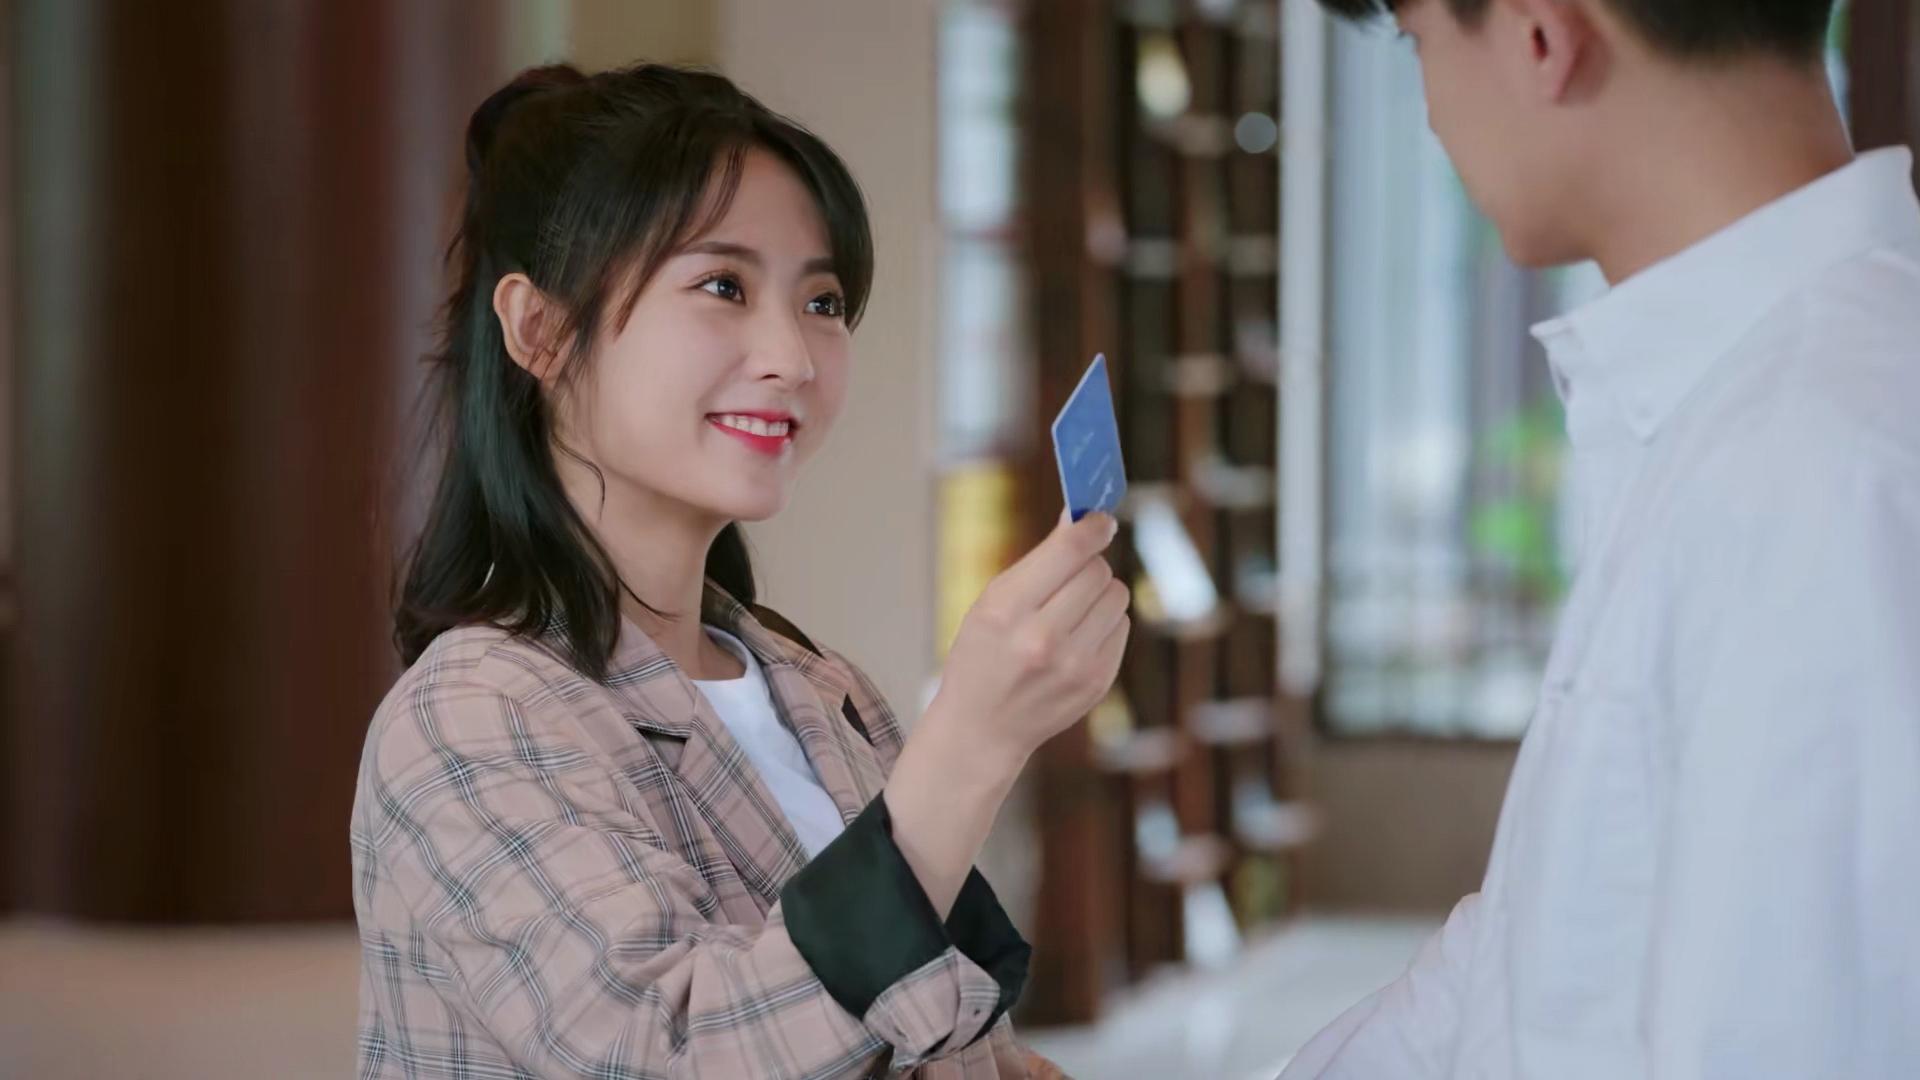 《乌鸦小姐》顾川小宁分手后又和好,腻歪得不行,初吻就要来了?